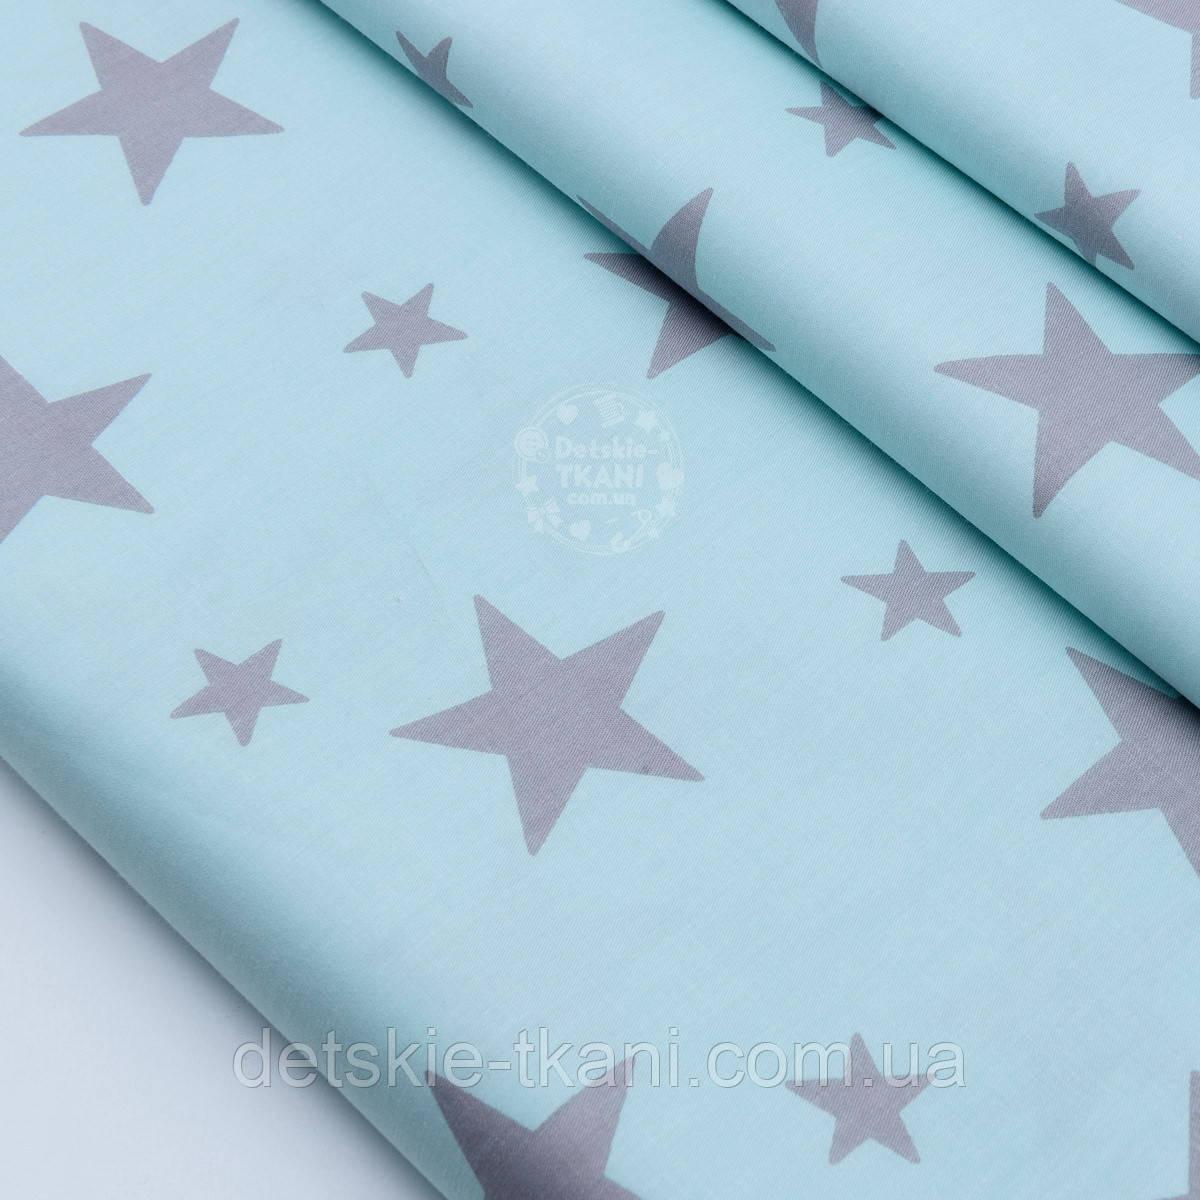 """Сатин ткань """"Большие и малые звёзды"""" серые на мятно-бирюзовом, №1727с"""